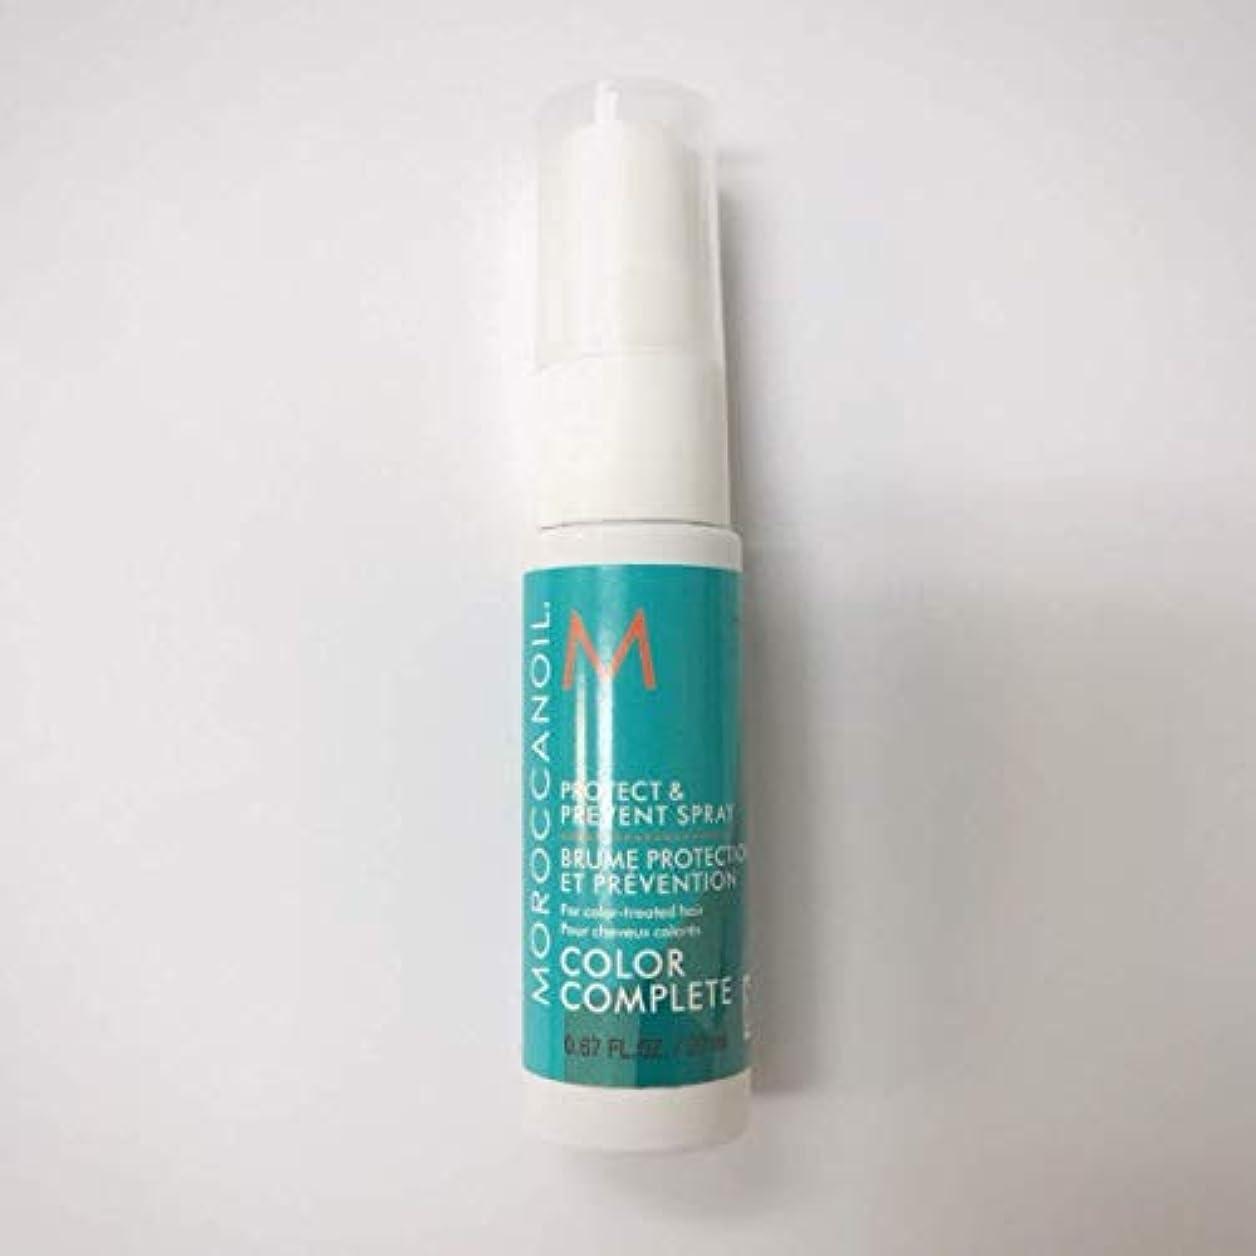 アジアむさぼり食う起きろMoroccanoil Protect & Prevent Color Complete Spray Travel Size 20ml [並行輸入品]